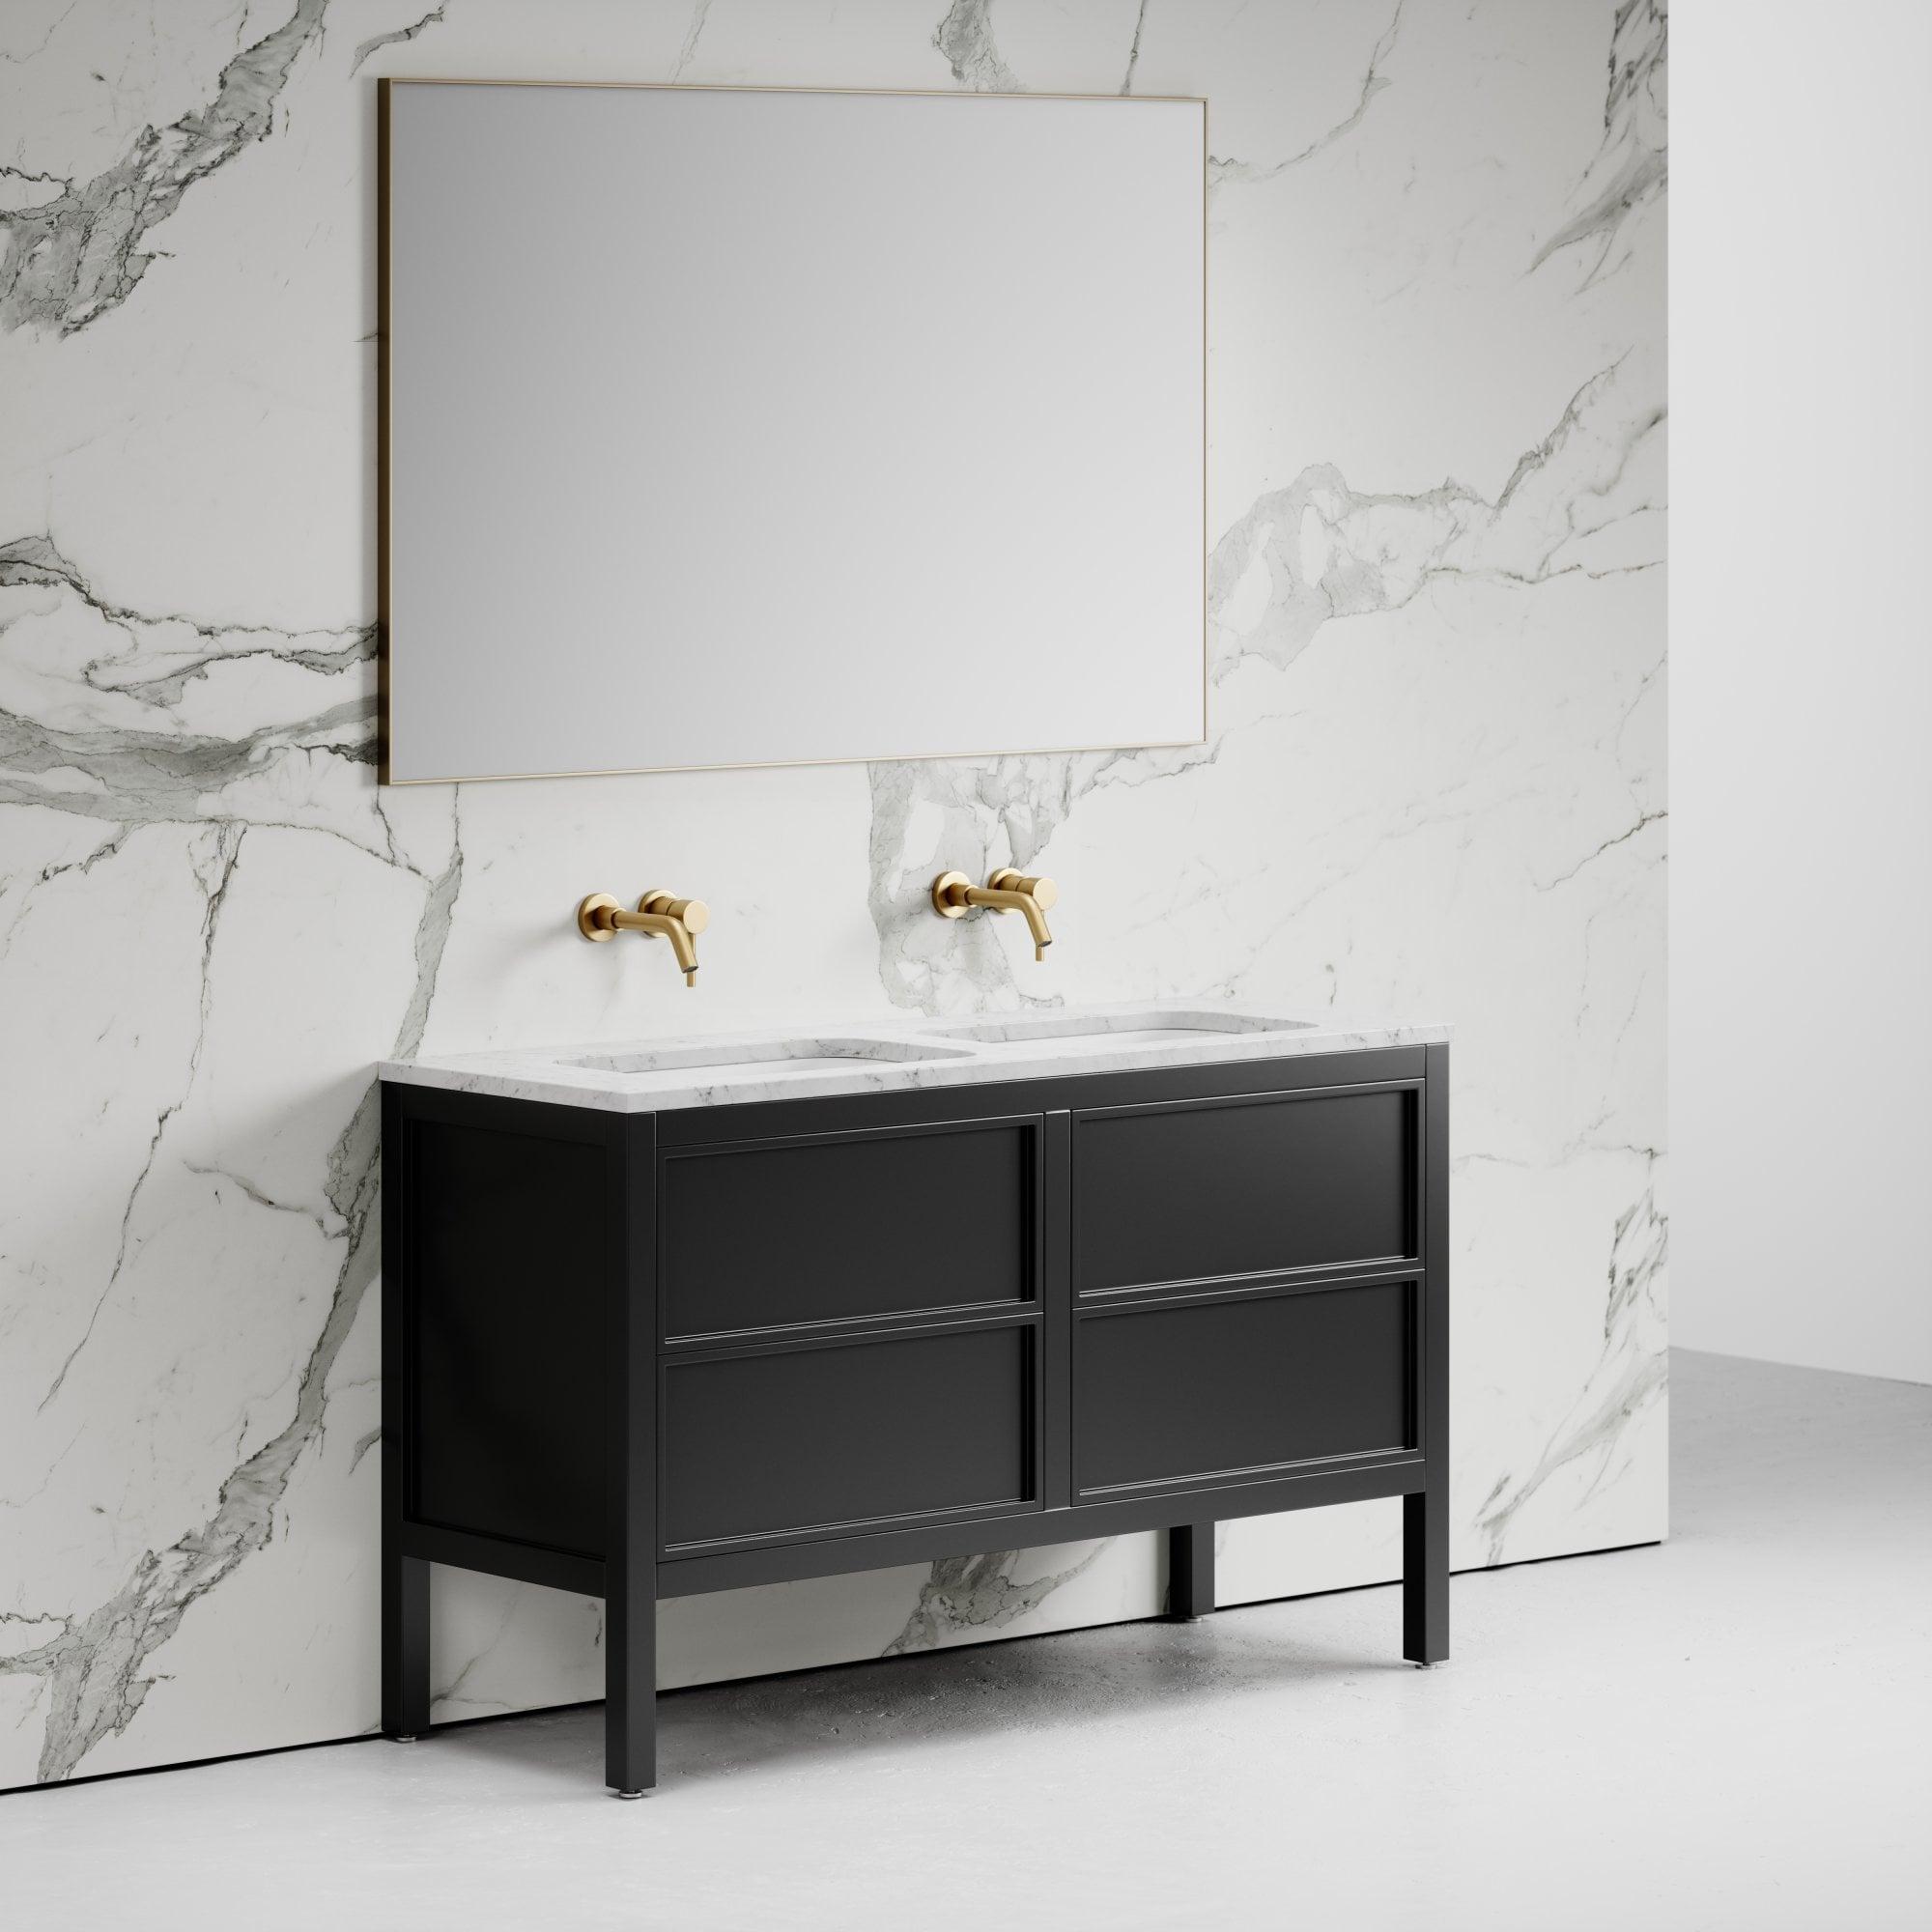 Stratford Bathroom Vanity Unit Black With Carrara Marble 1400 Vanity Units